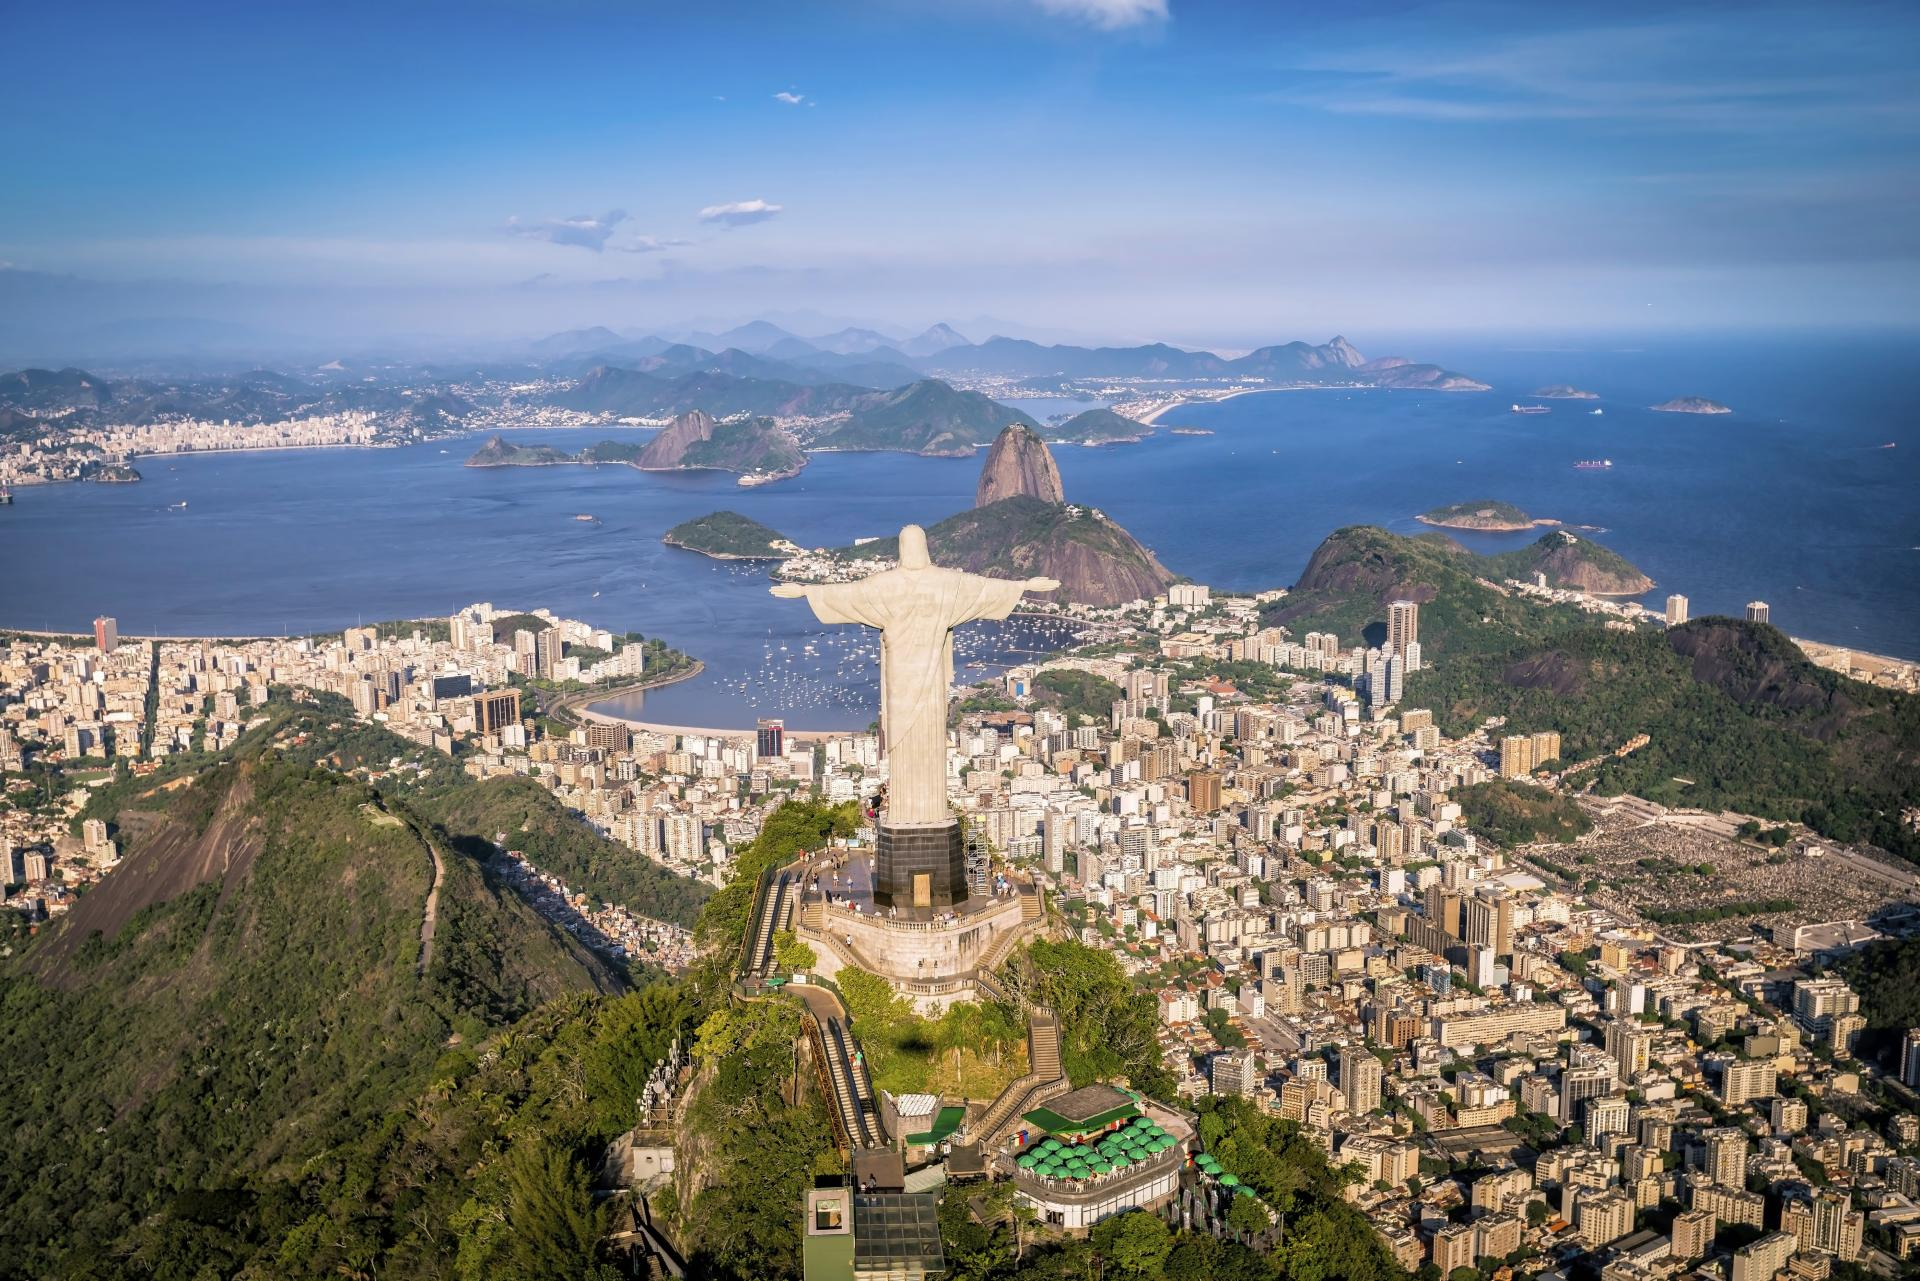 Luftaufnahme von Rio de Janeiro in Brasilien